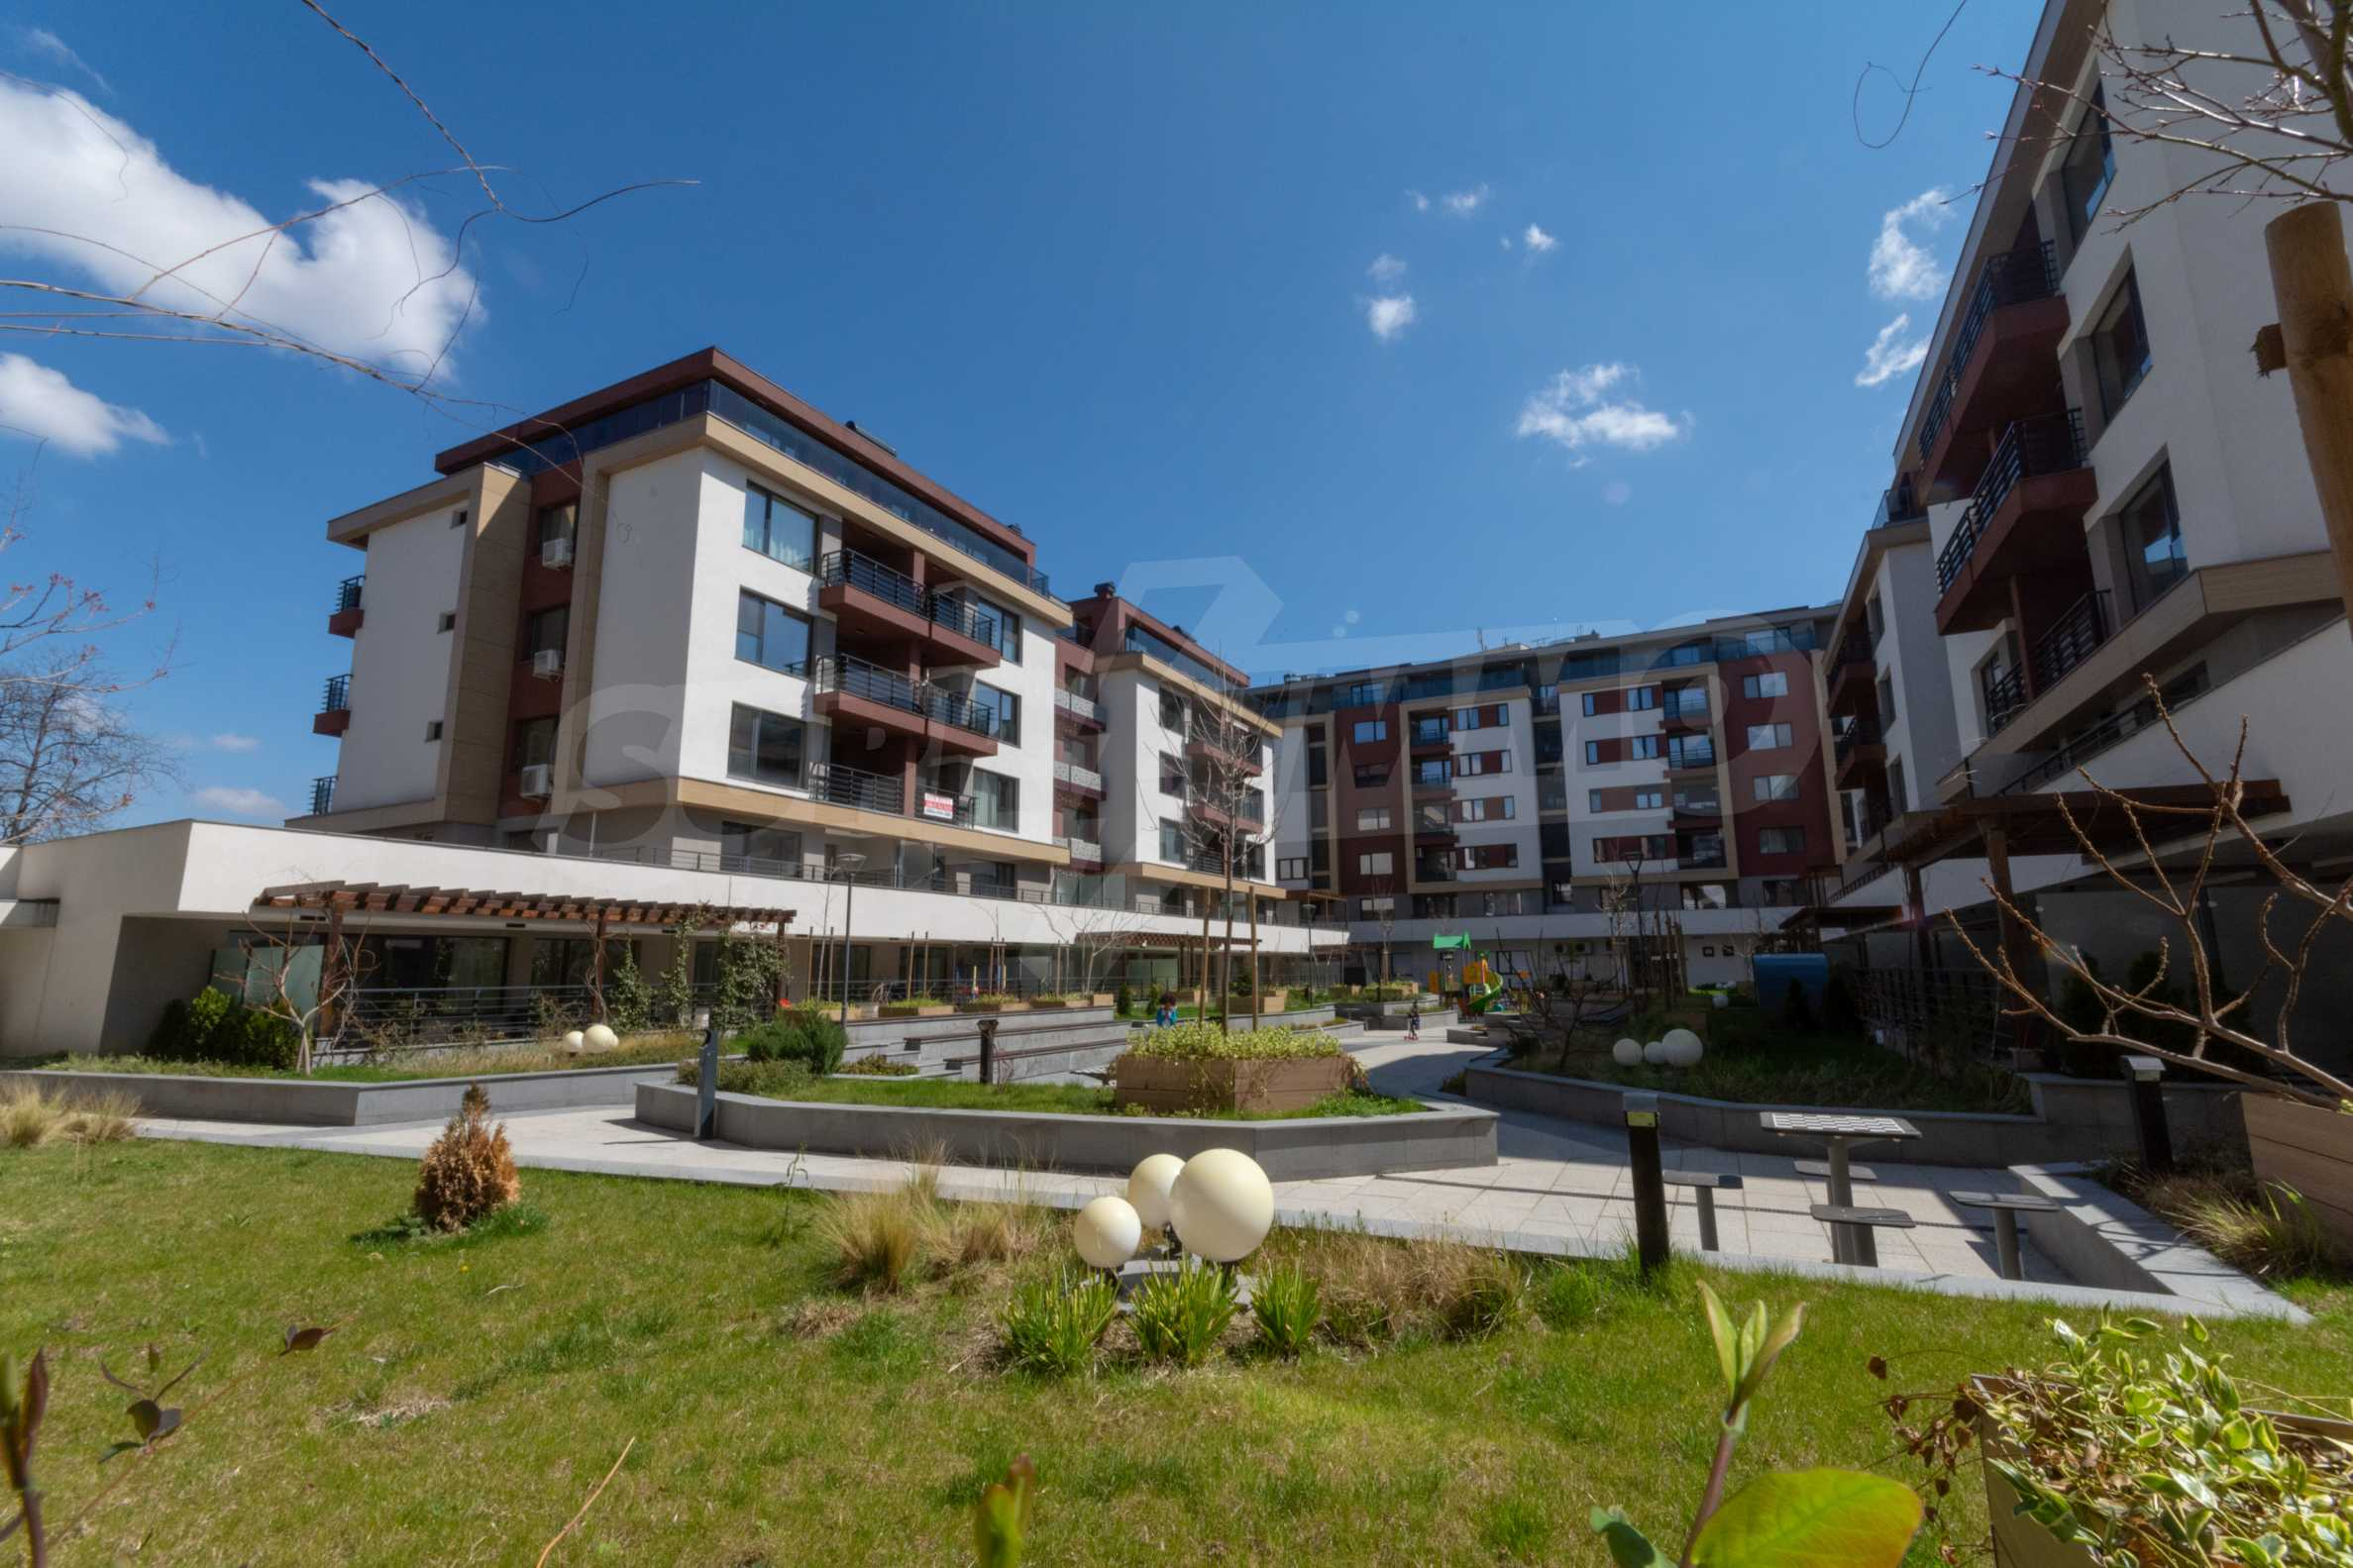 Двустаен апартамент в луксозна жилищна сграда на комуникативна локация в гр.Пловдив 12